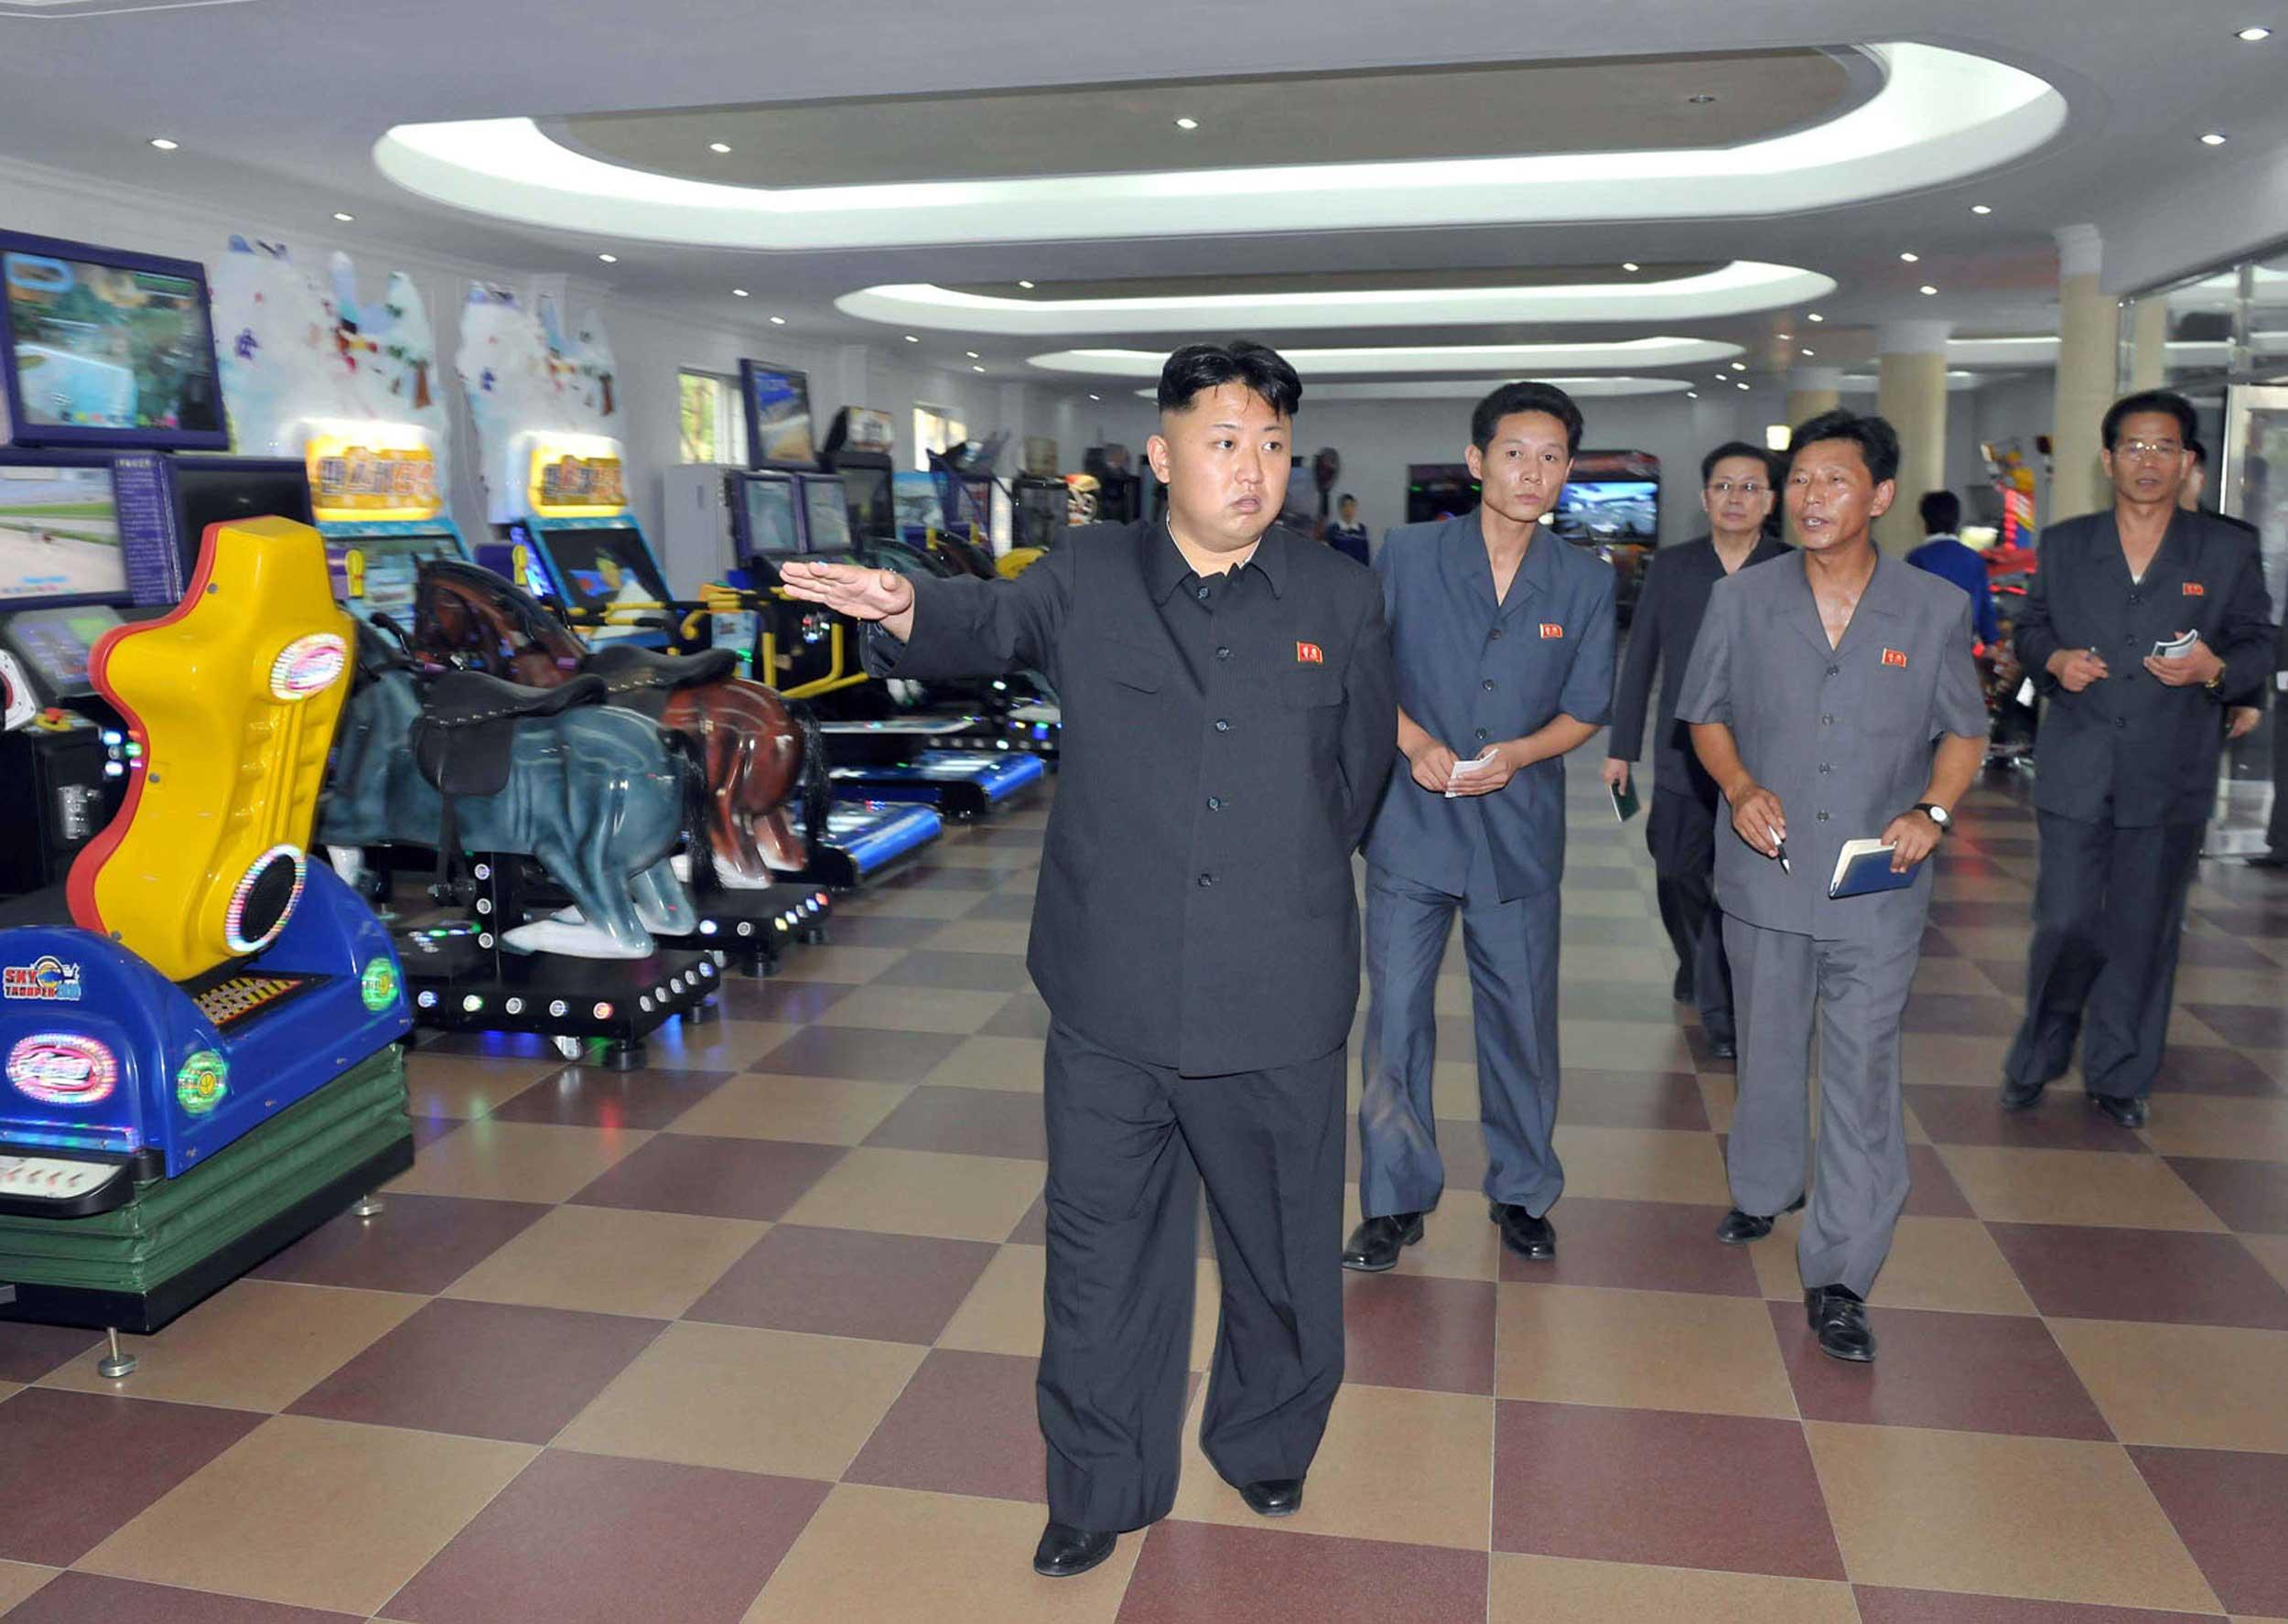 Photo de Kim Jong-un dans une salle de jeux vidéo